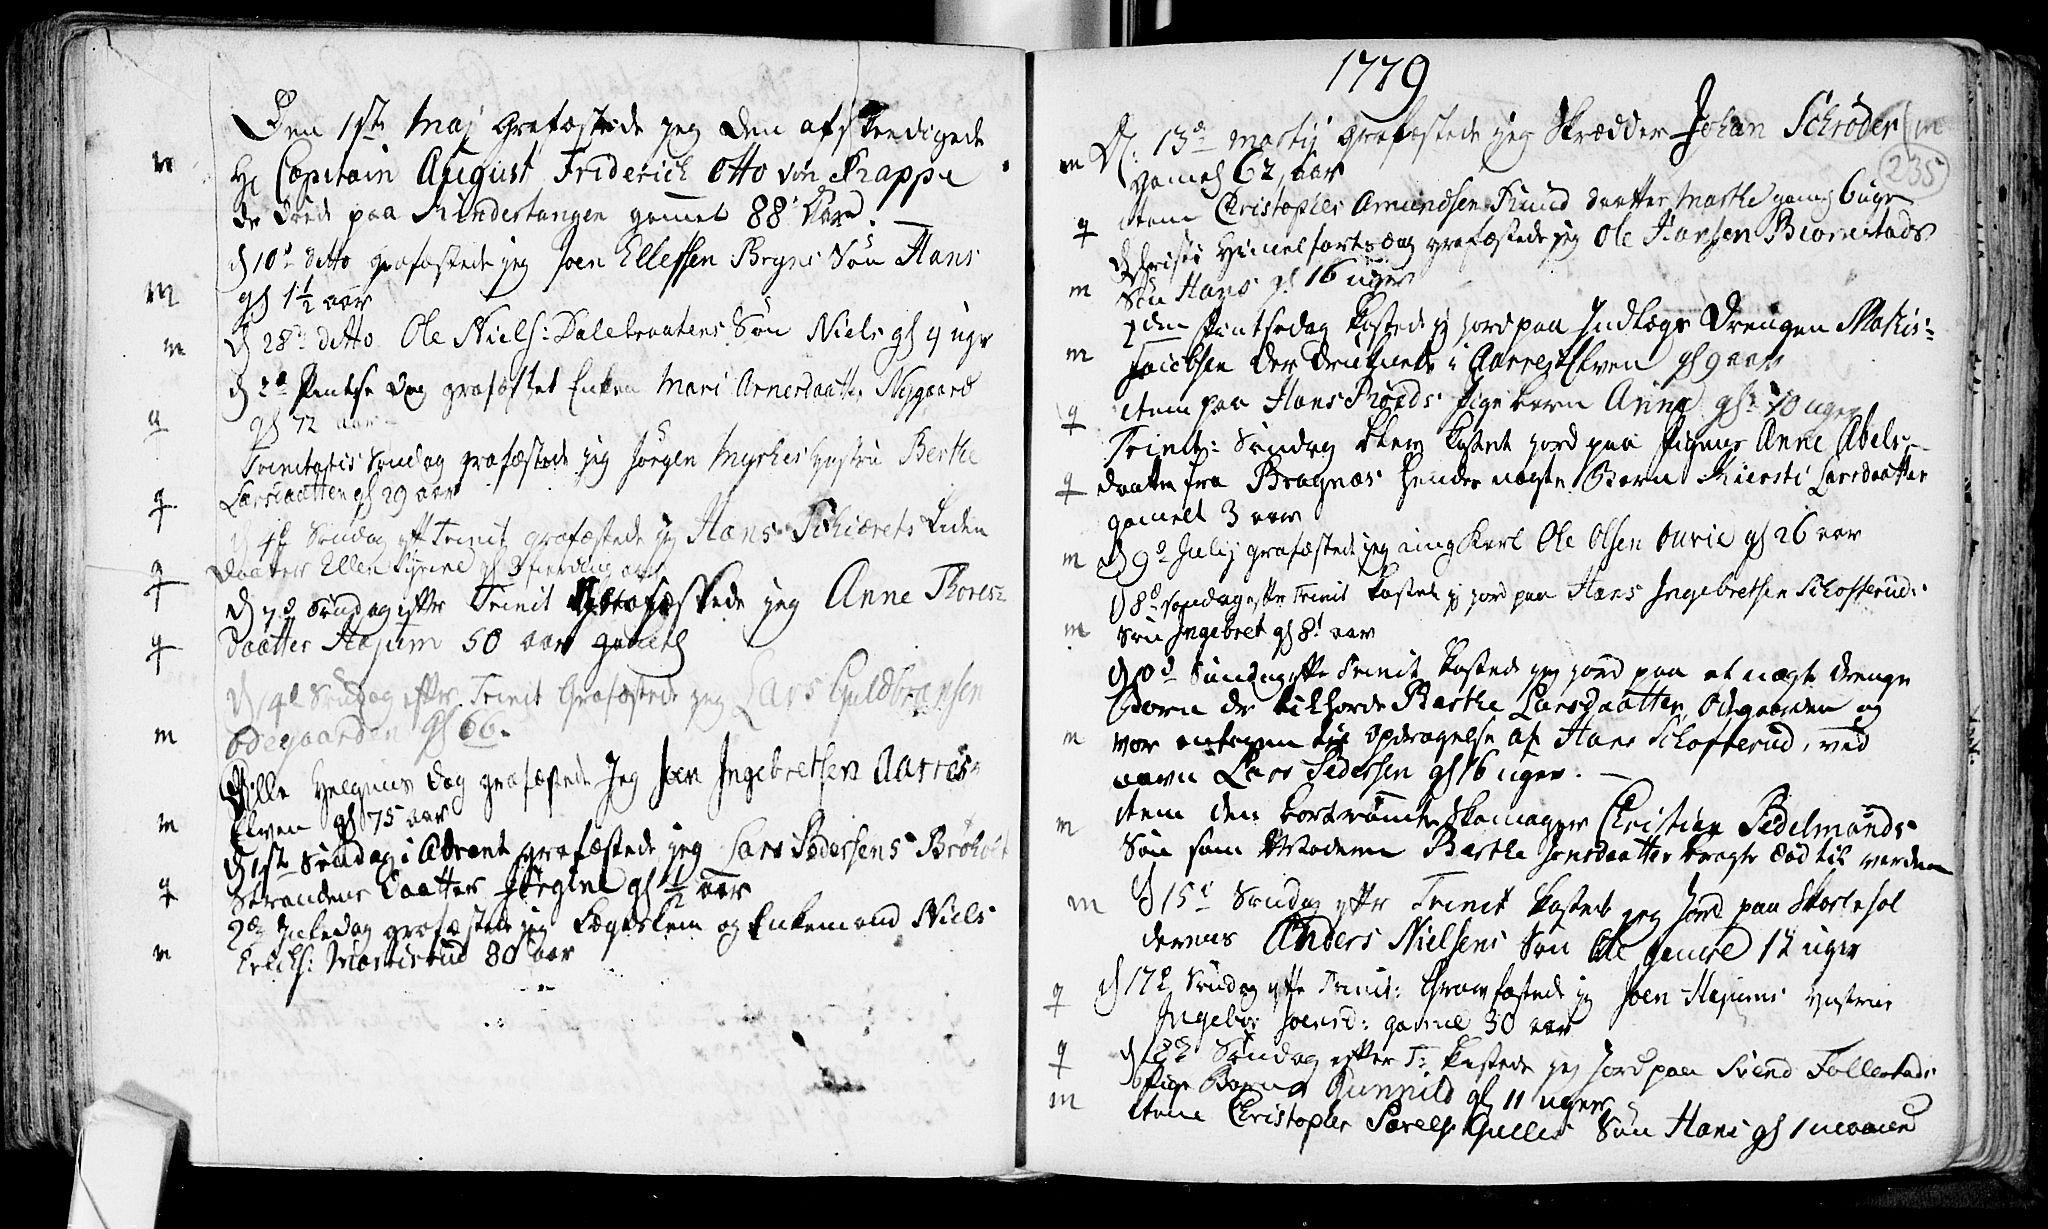 SAKO, Røyken kirkebøker, F/Fa/L0002: Ministerialbok nr. 2, 1731-1782, s. 235